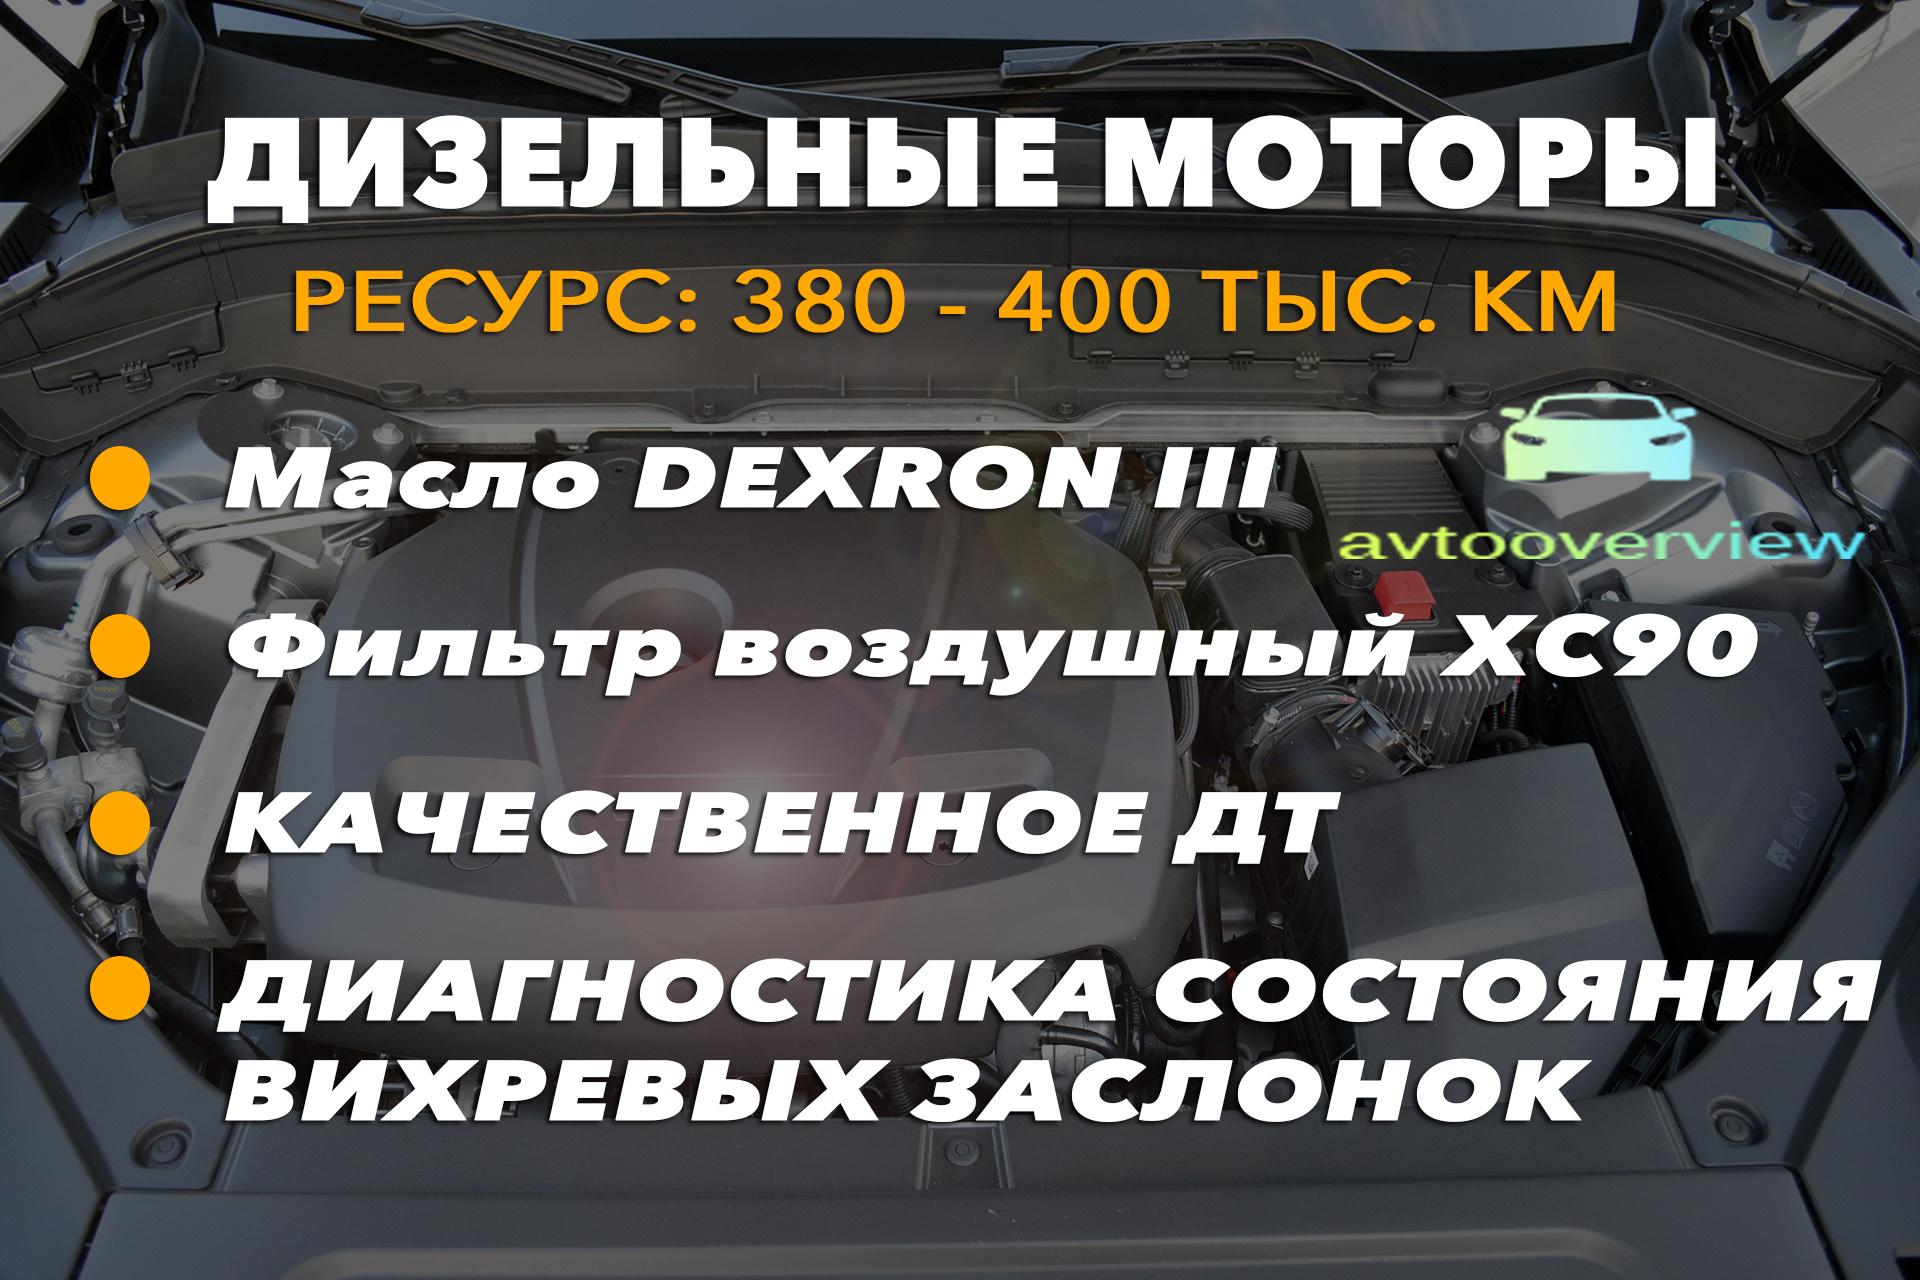 Ресурс дизельных моторов Volvo XC90